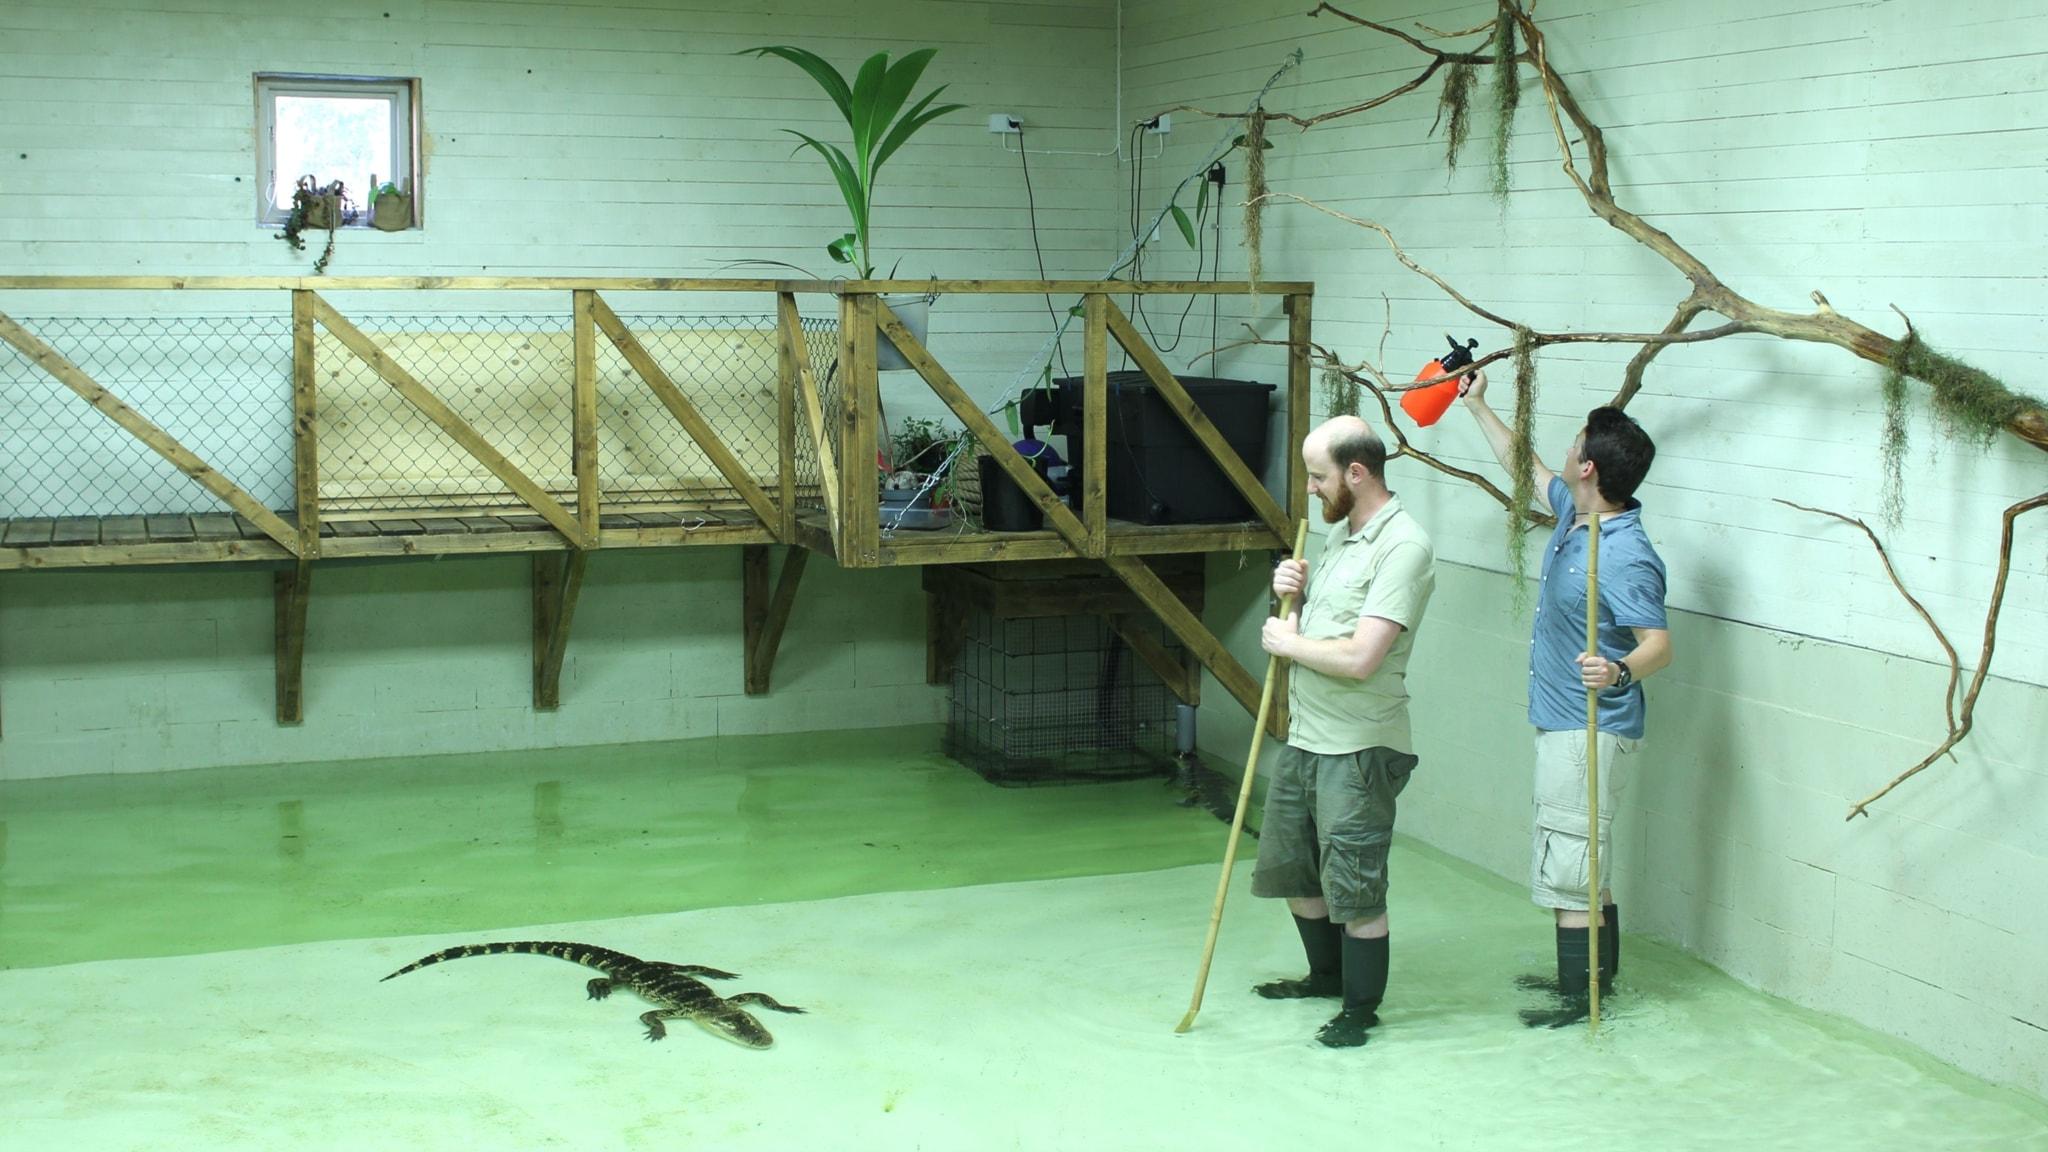 Sjungande alligatorer ska visa hur smarta dinosaurier var